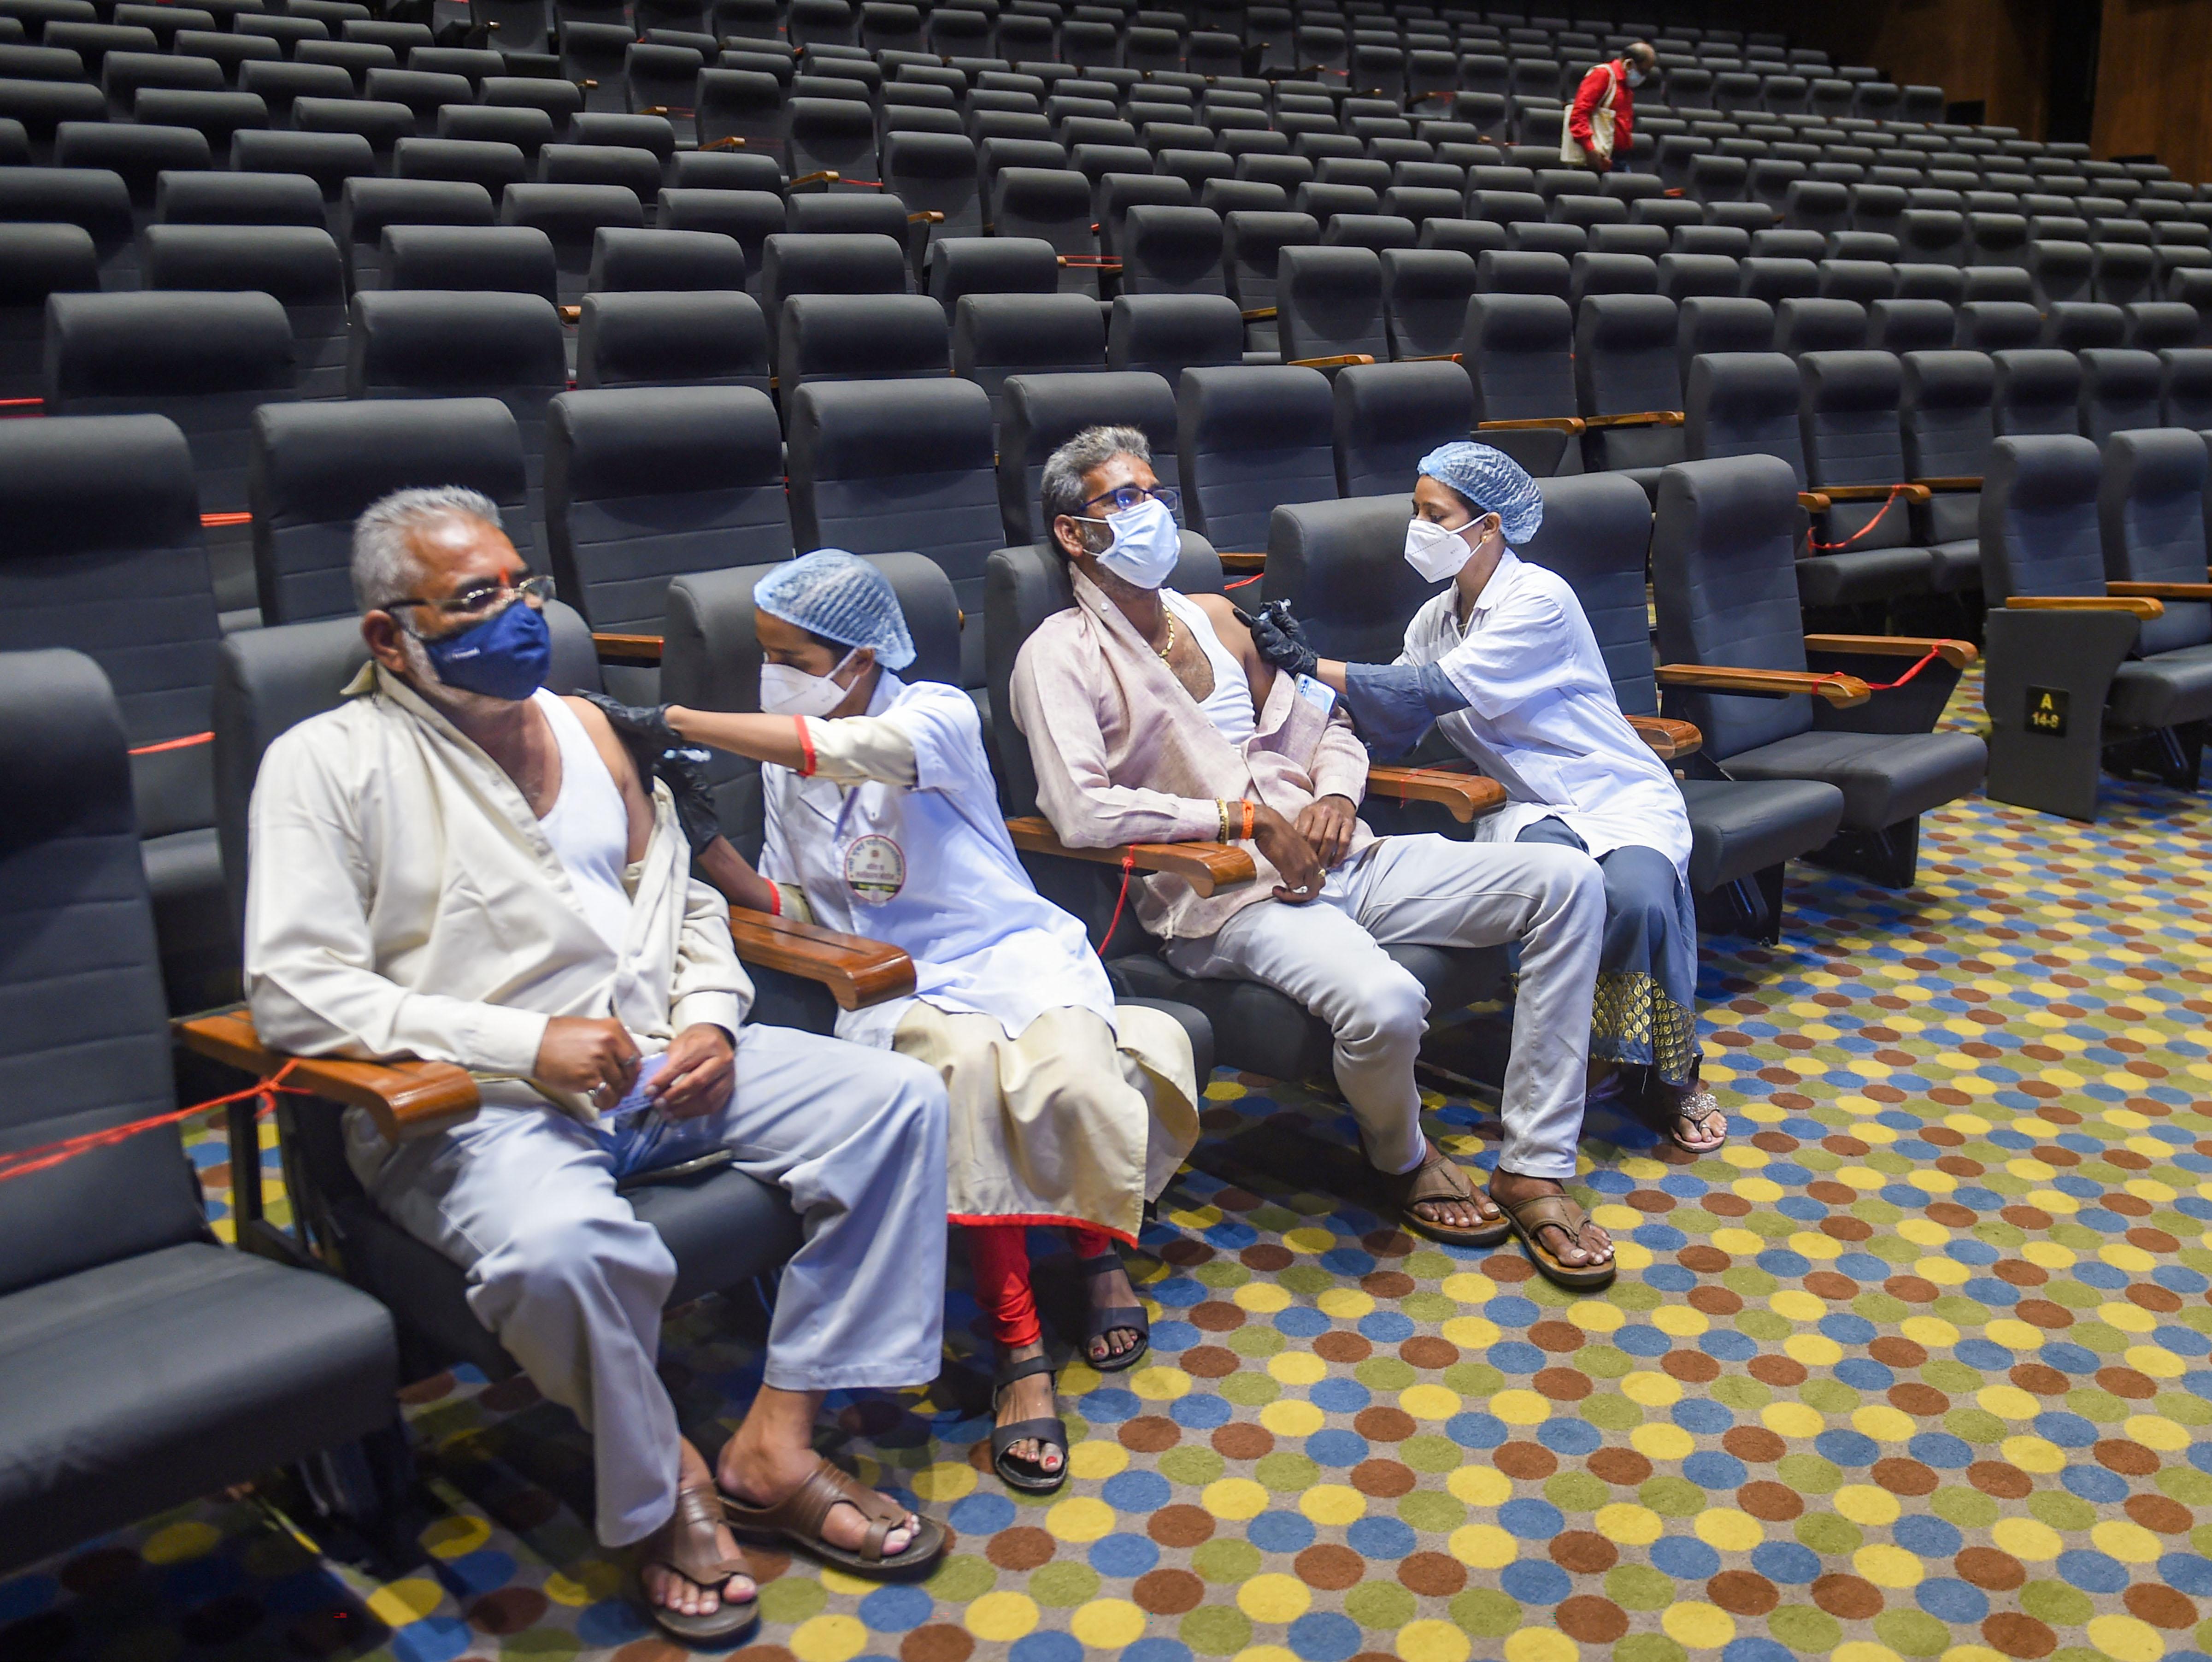 नवी मुंबई के एक ड्रामा थिएटर में मंगलवार को वैक्सीनेशन किया गया।